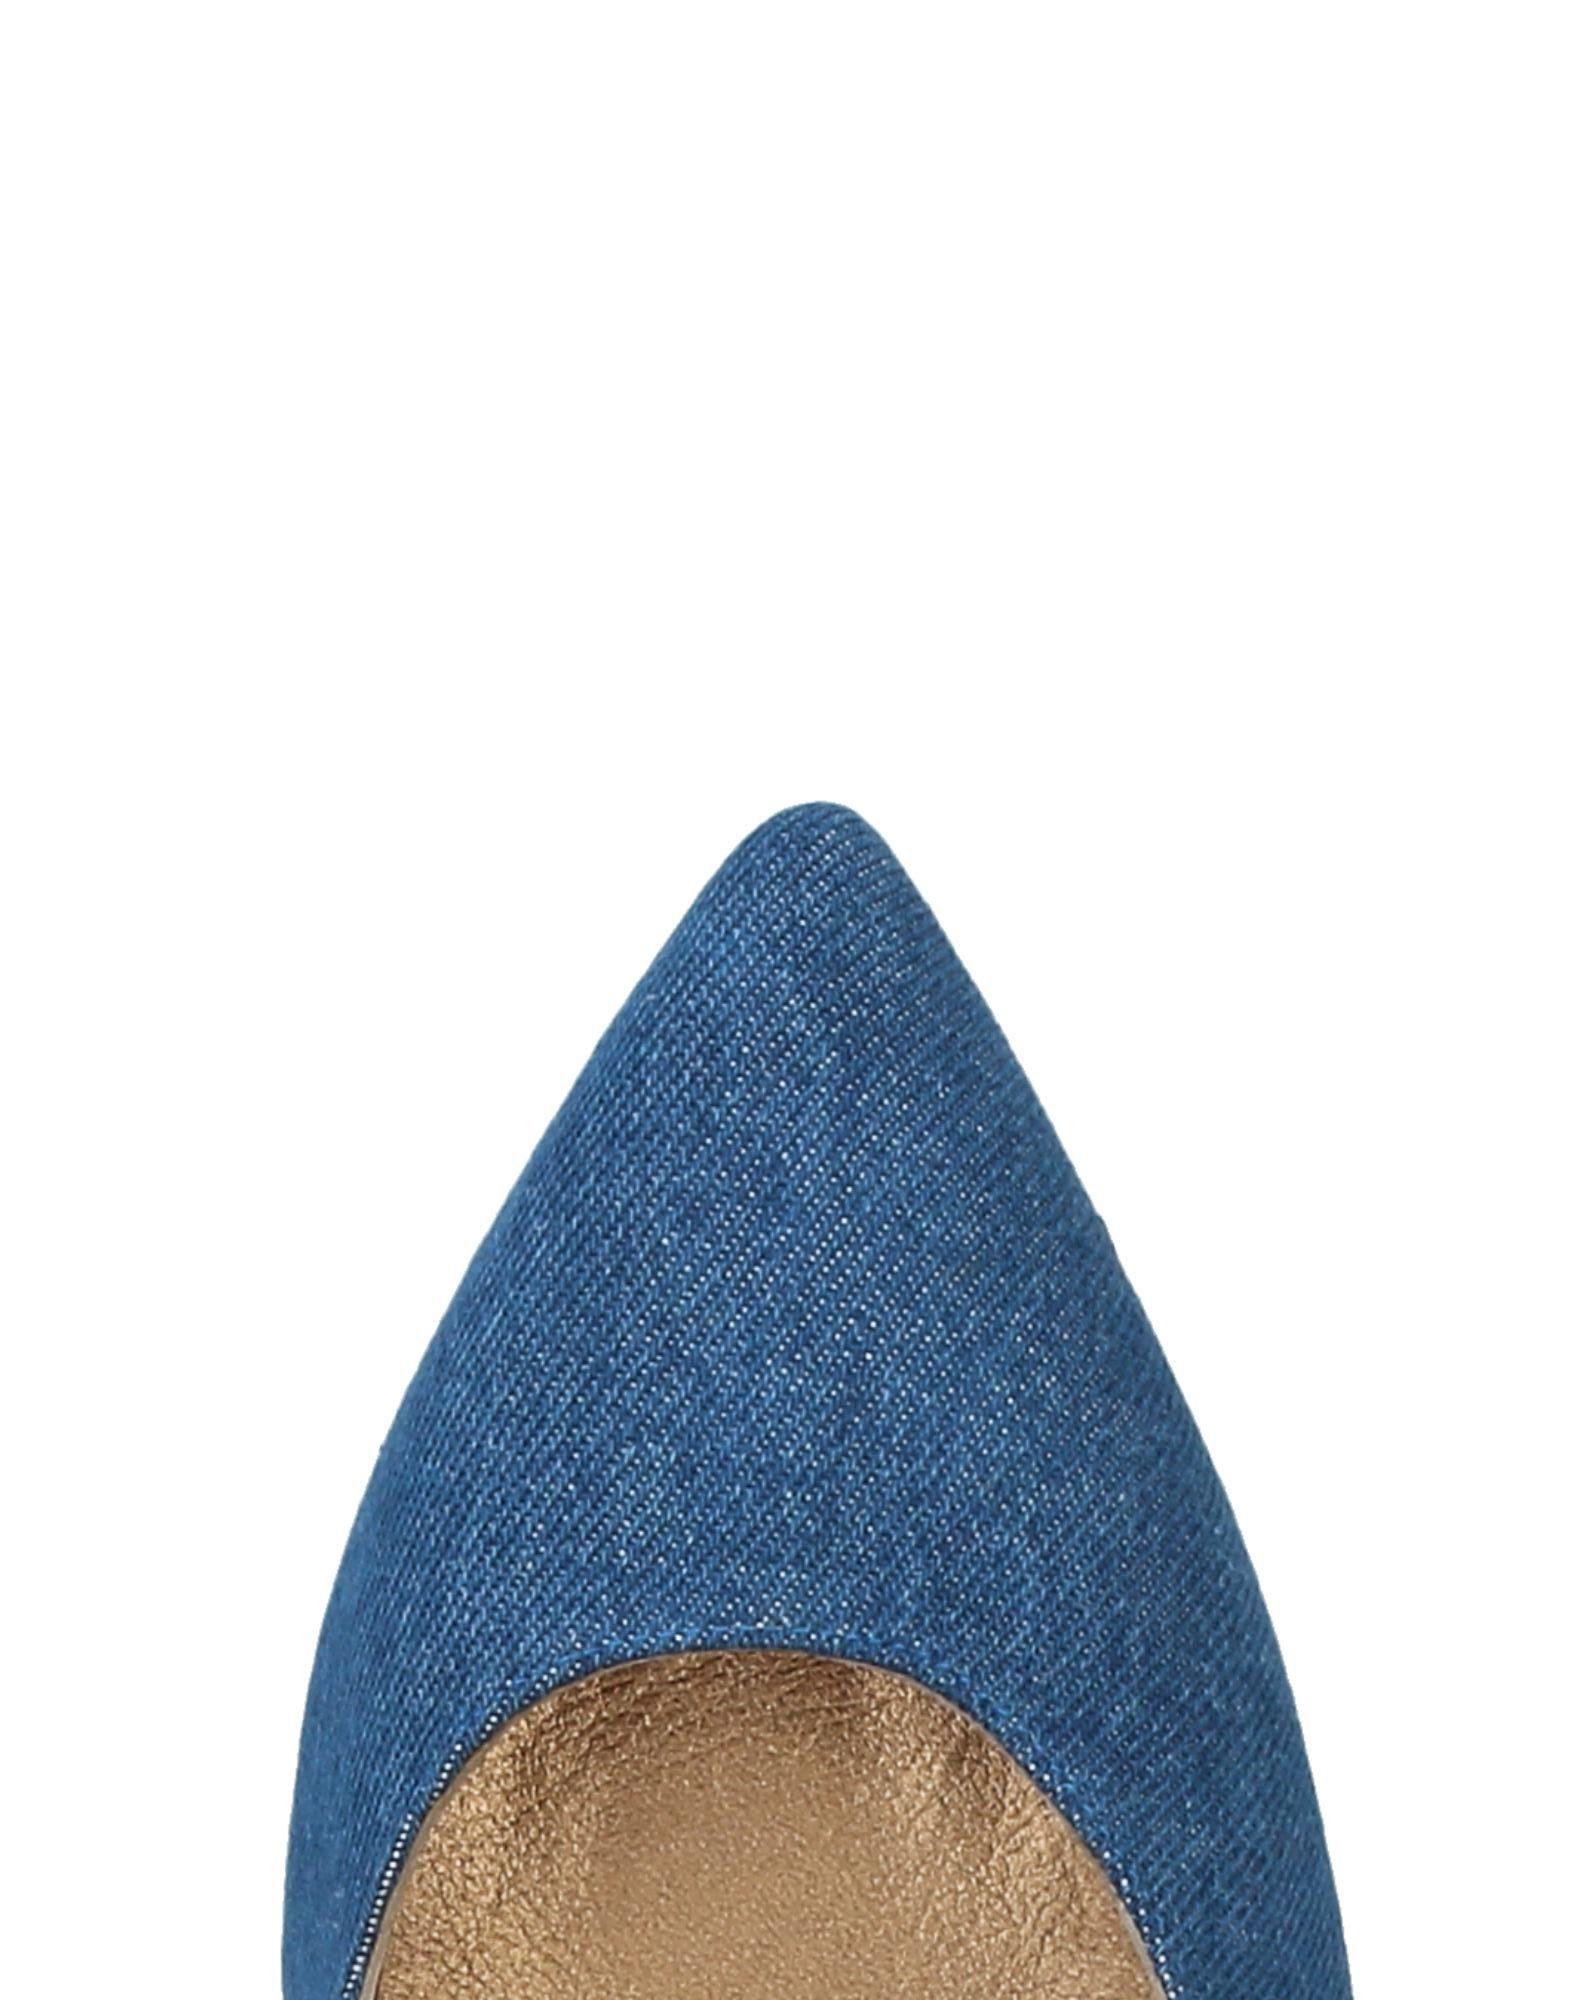 Oroscuro Pumps Damen Damen Pumps  11377457XF Gute Qualität beliebte Schuhe 15d270